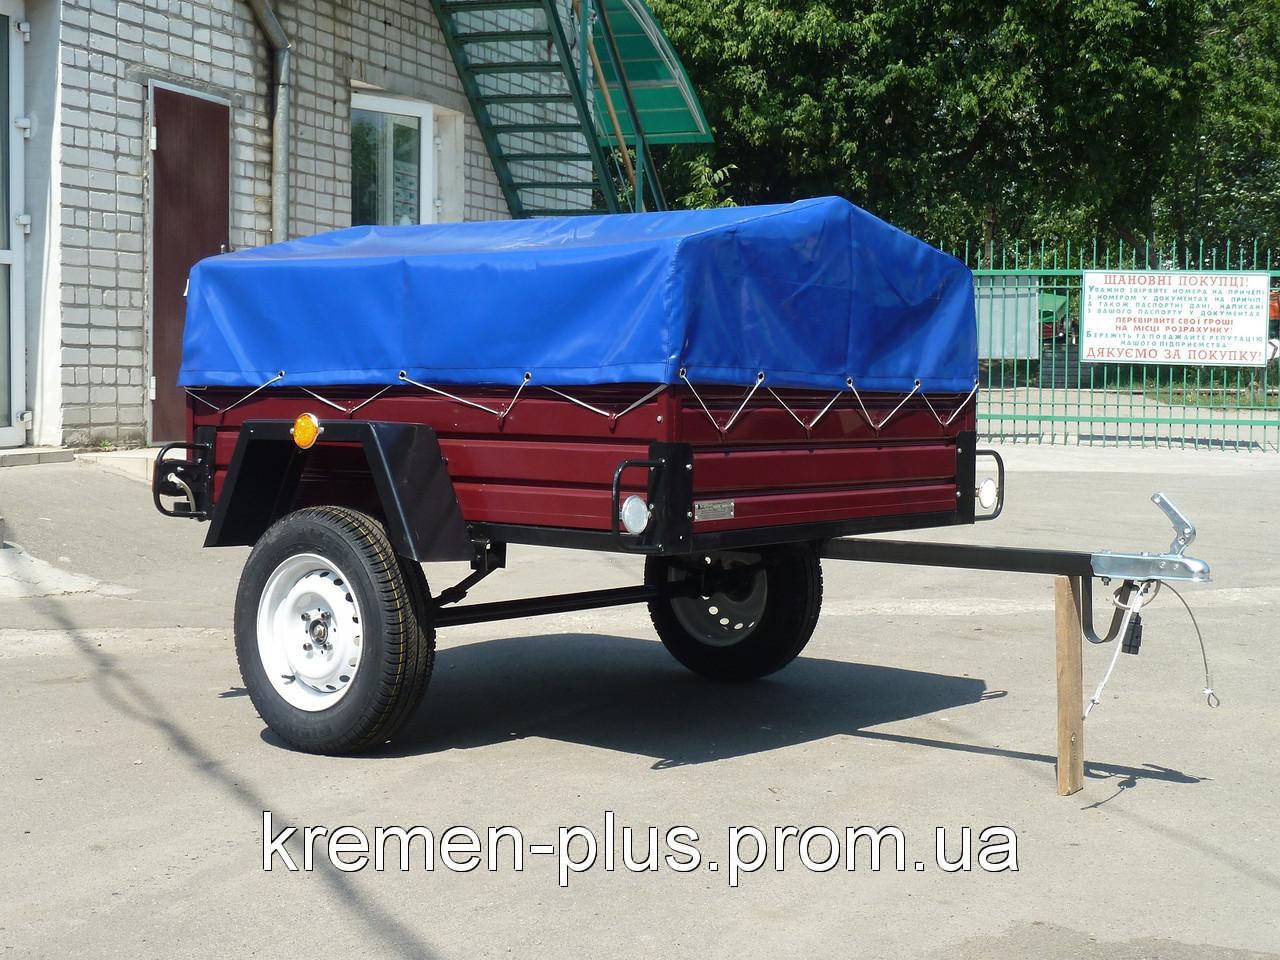 Продам одноосный легковой прицеп в Сумах для автомобиля